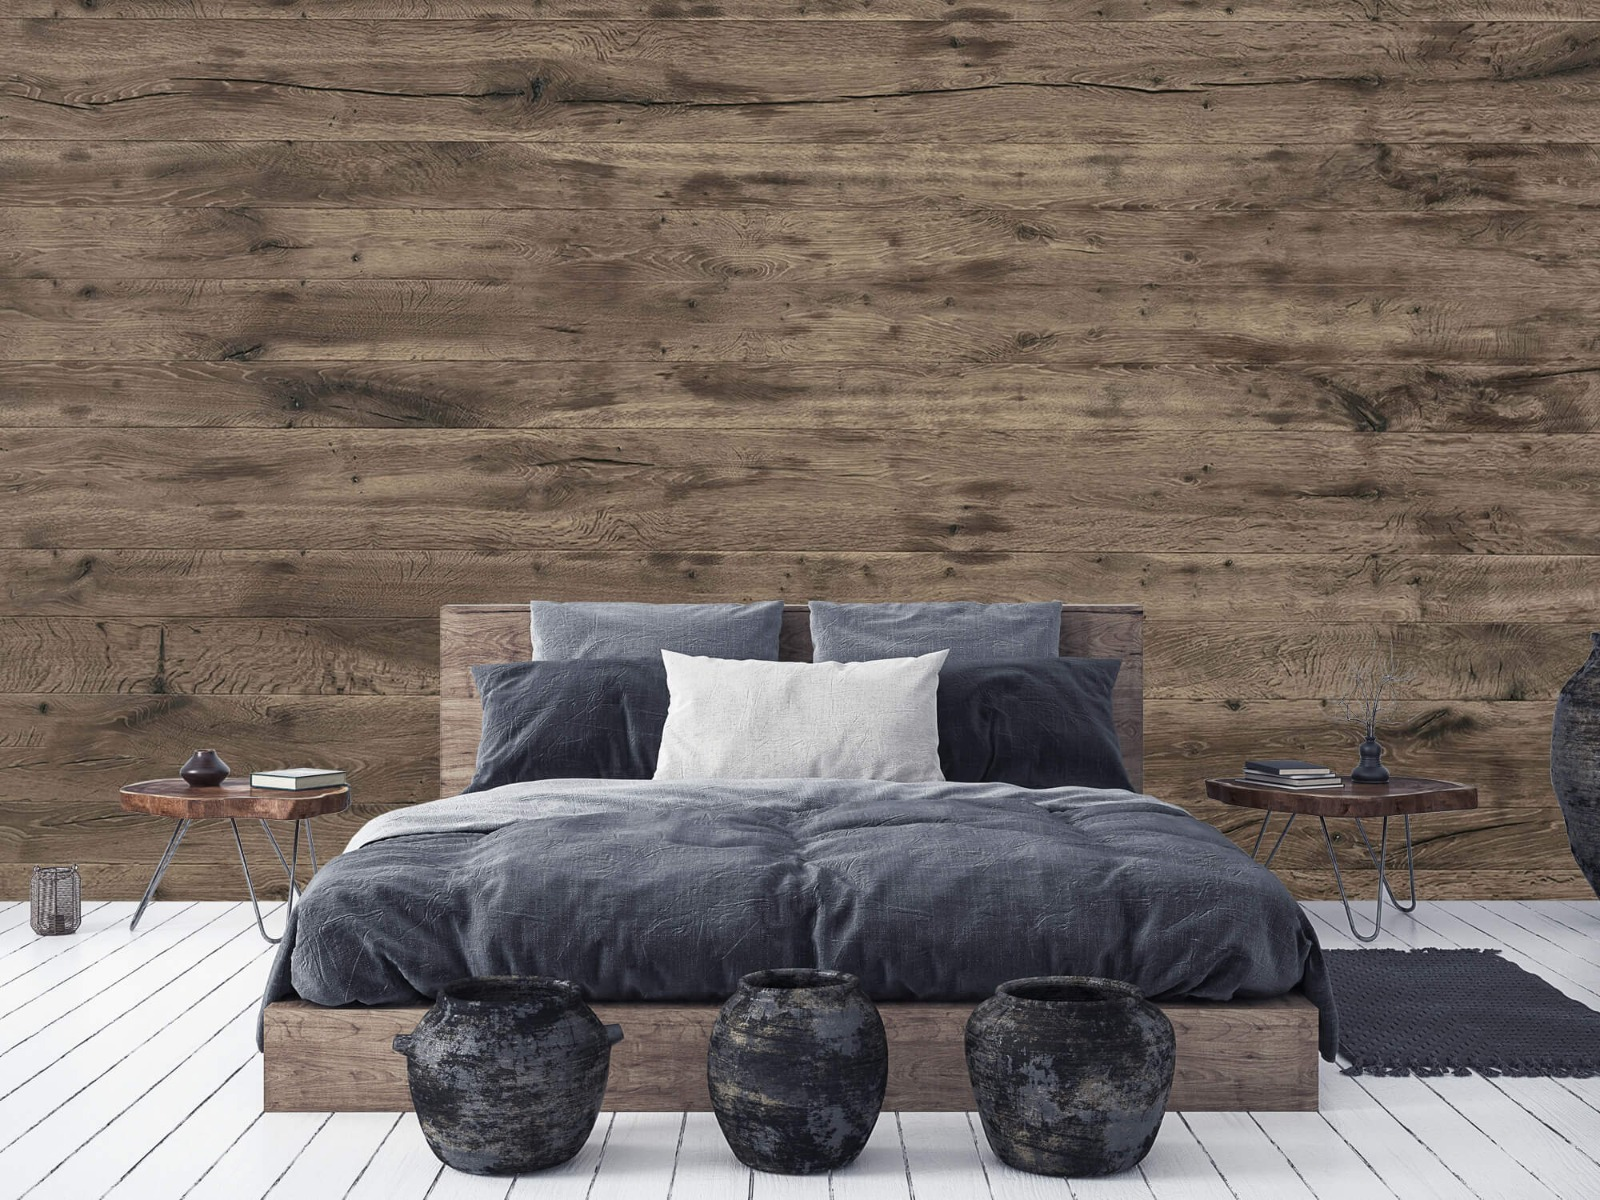 Hout behang - Rustieke houten planken - Garage 6